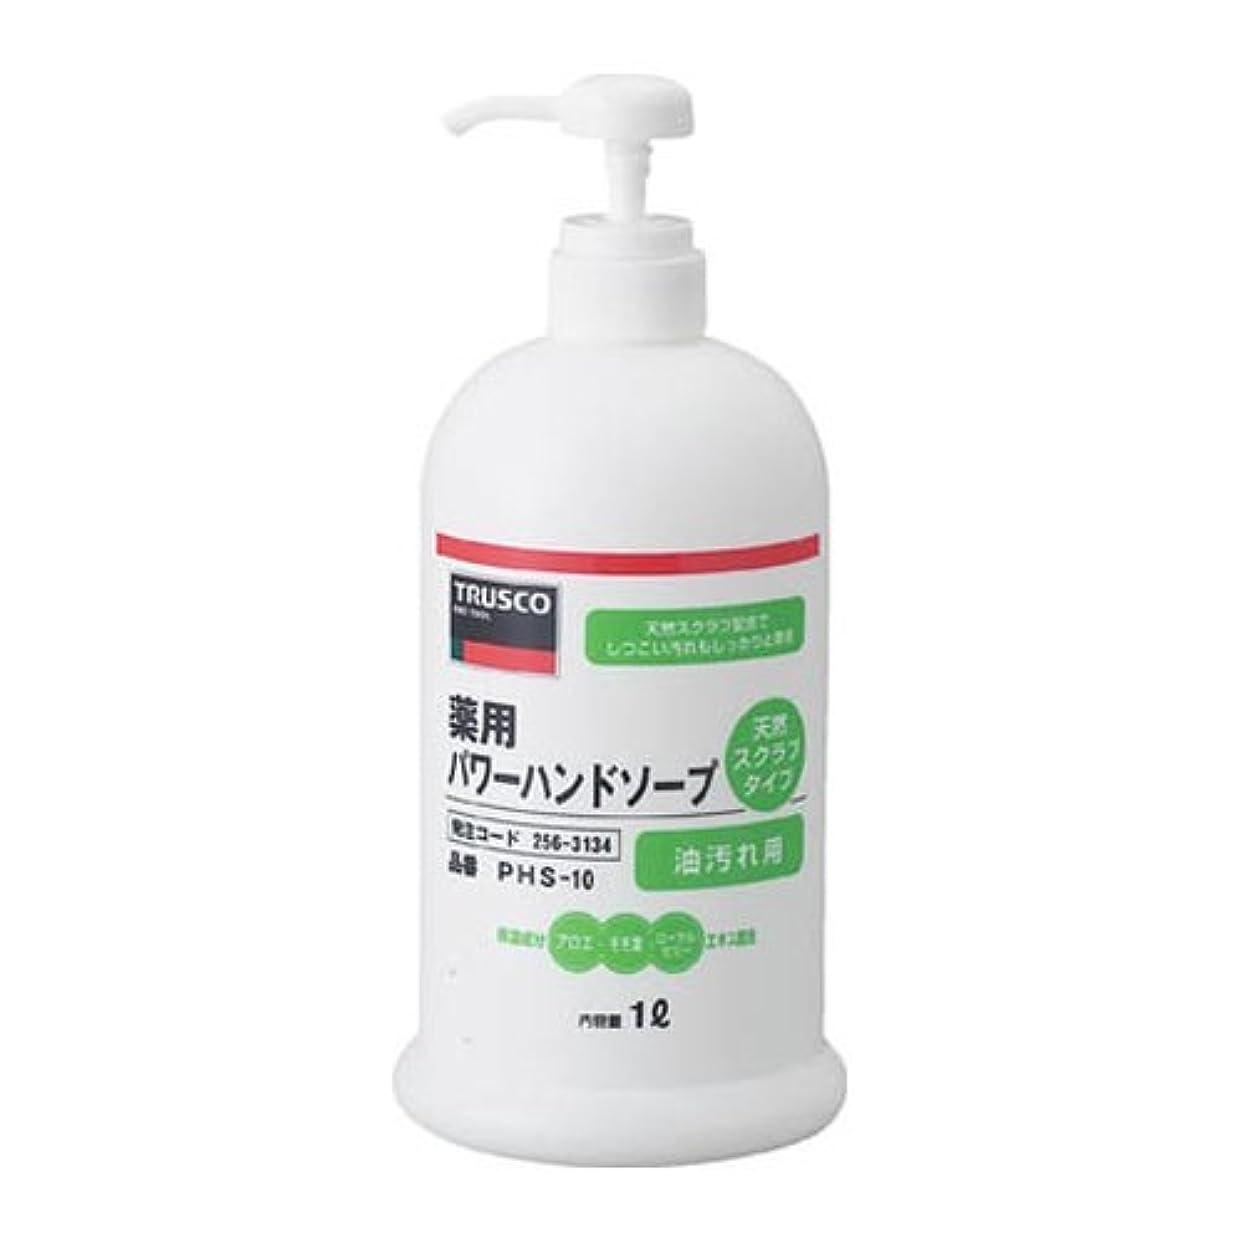 下向きツール収入TRUSCO 薬用パワーハンドソープポンプボトル1.0L